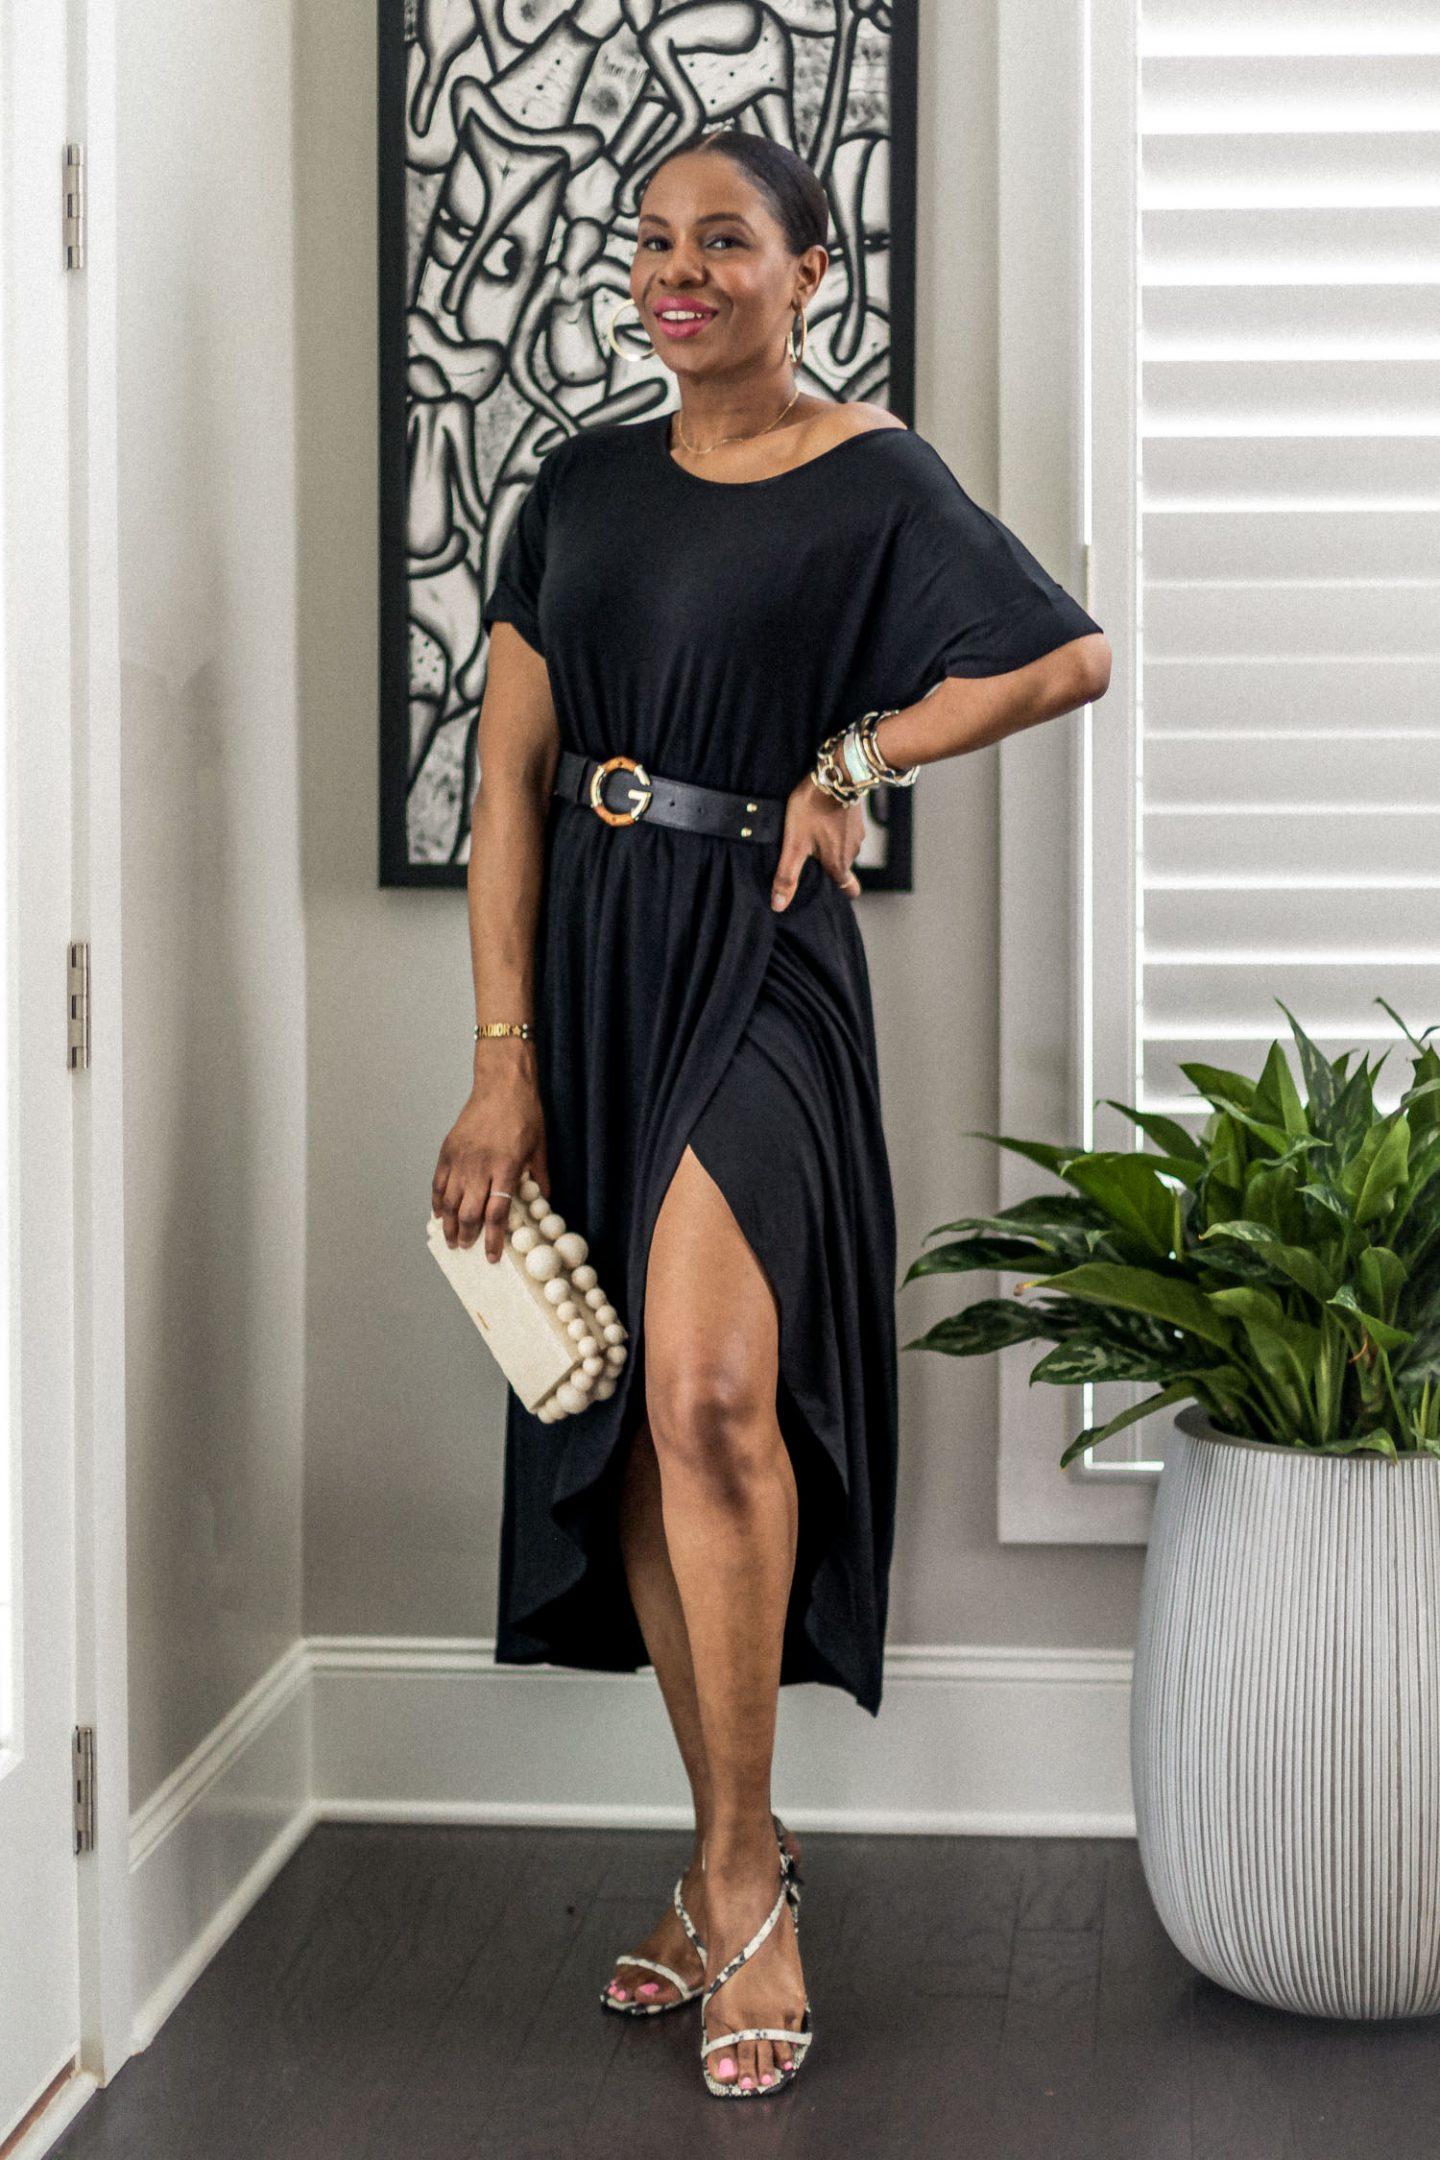 lbd, little black dress, loungewear dress, black loungewear dress,ladyee dress, black dress, how to style a pink dress for summer, lounge wear, best loungewear for summer, summer fashion